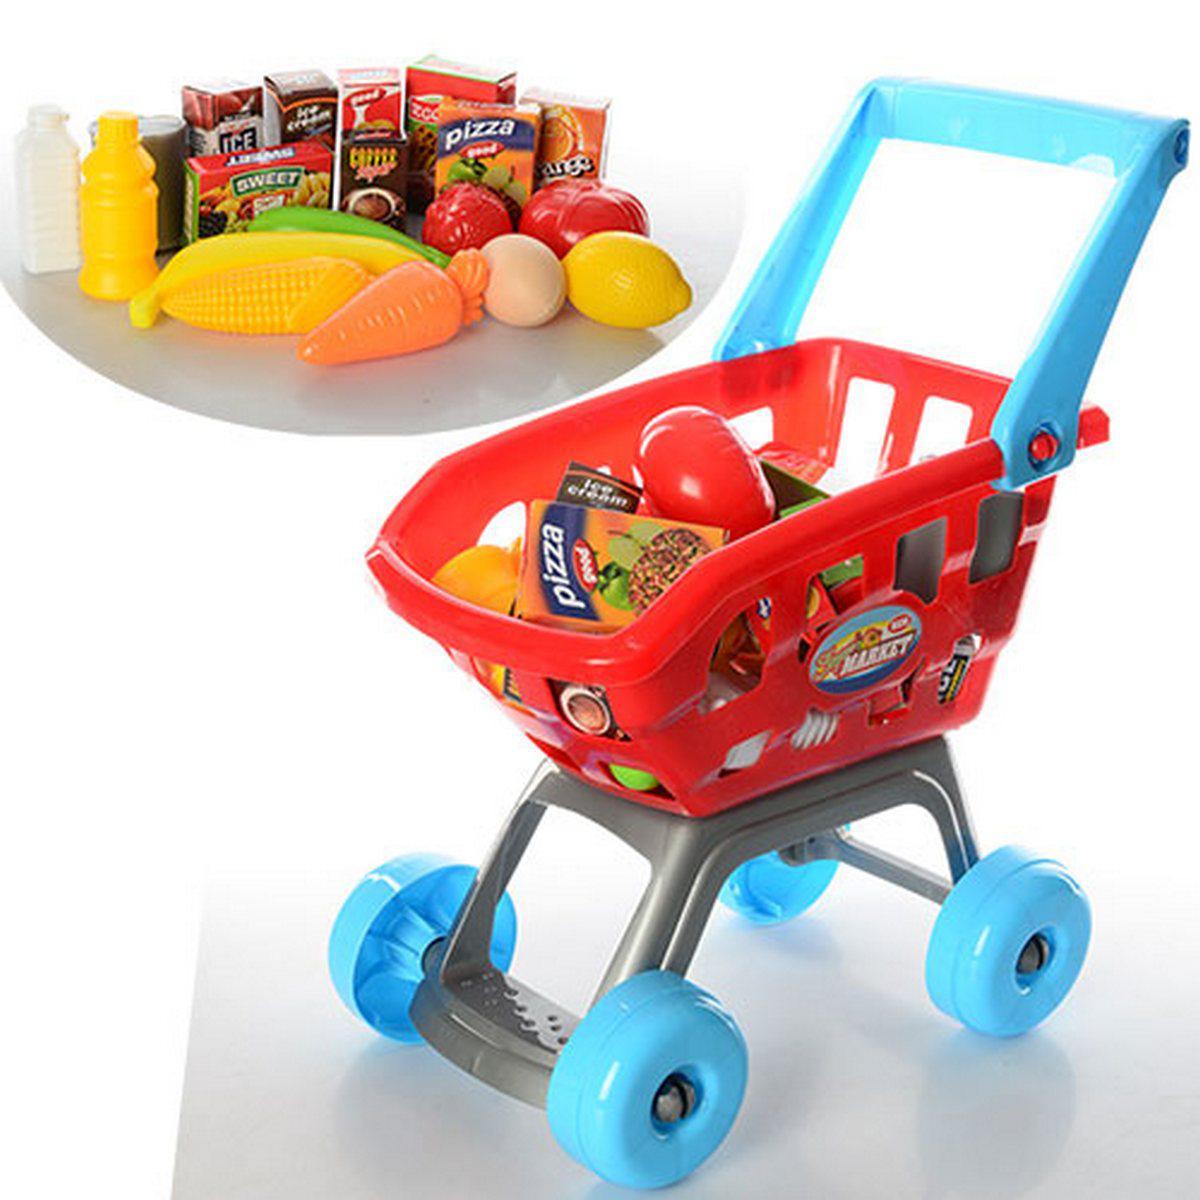 Тележка детская с продуктами, SL32312